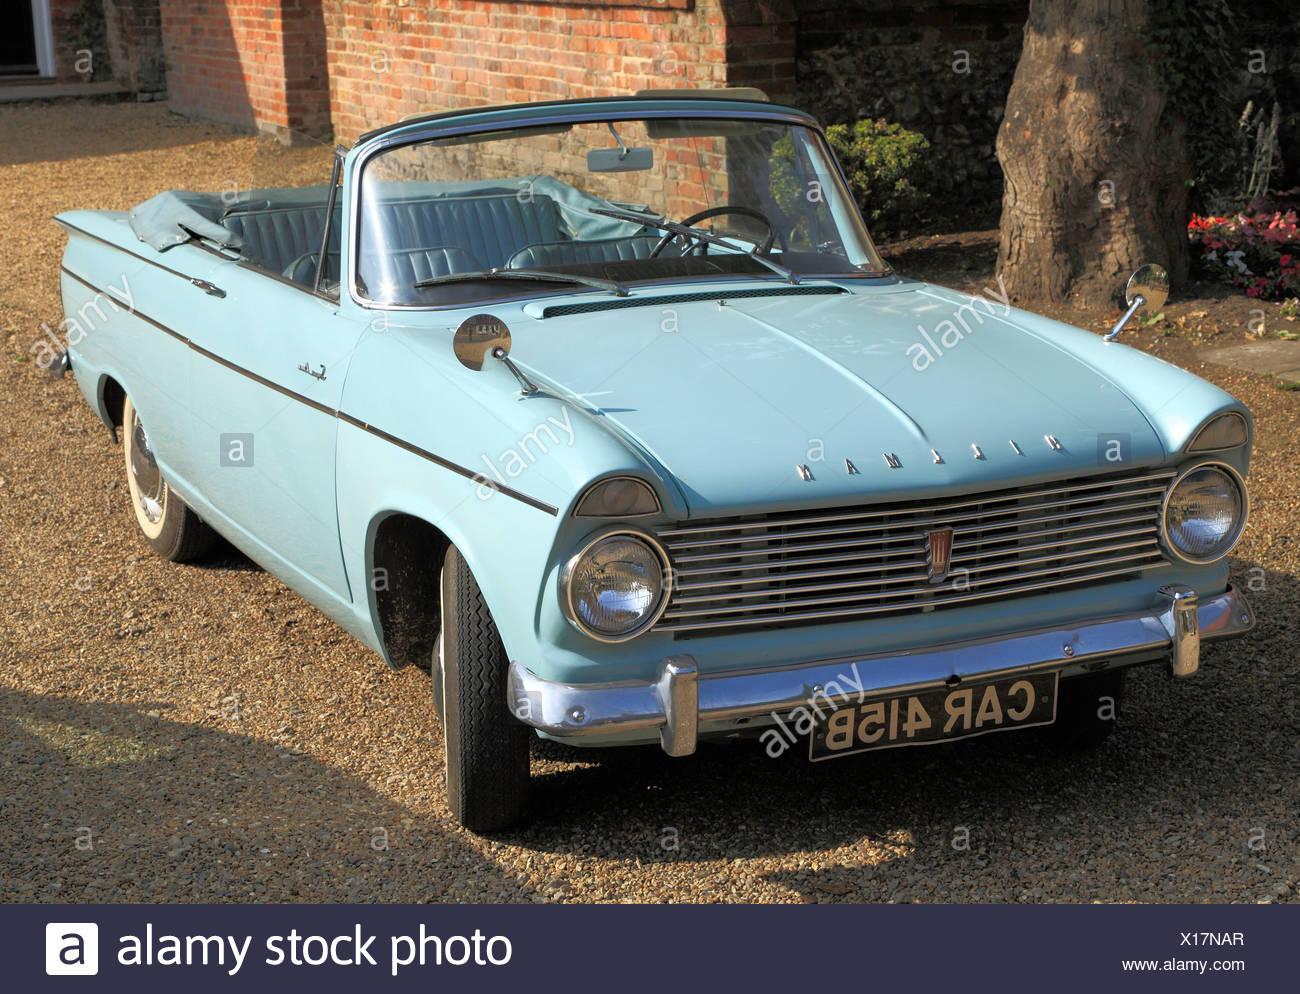 Hillman Super Minx, 1960 vintage motor car, en voitures classiques Hillmans véhicules décapotables, convertibles, England UK Photo Stock